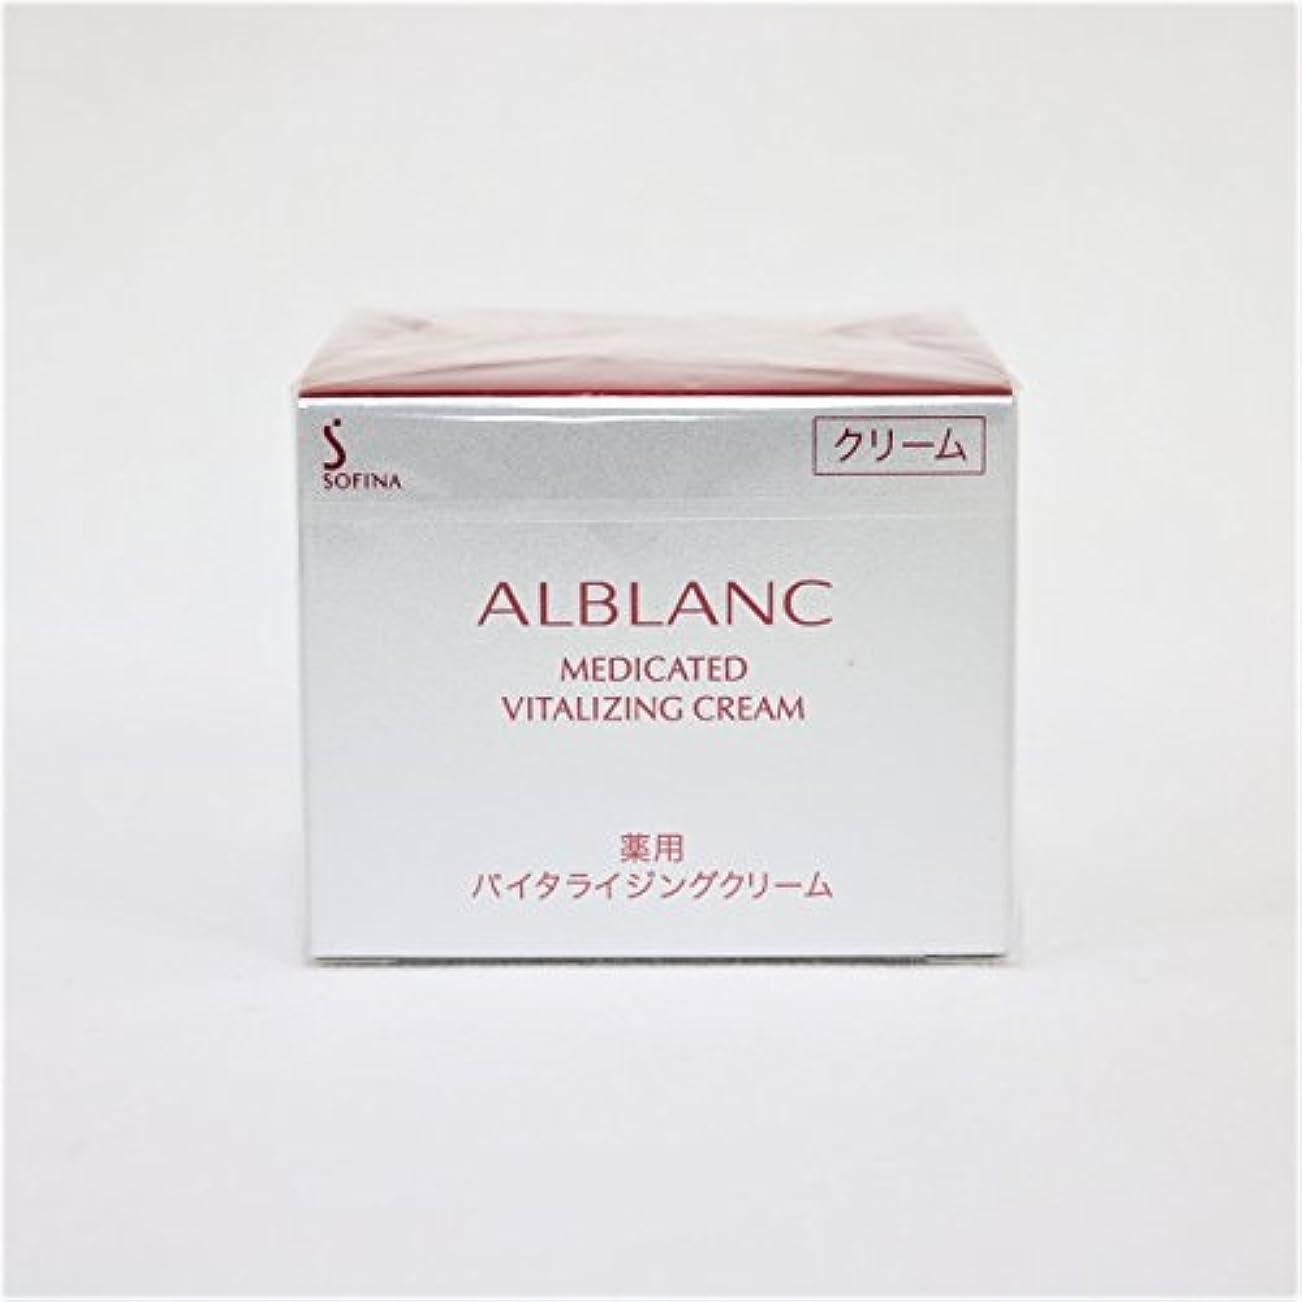 セッティングシャンパン米国ソフィーナ アルブラン 薬用バイタライジングクリーム 40g